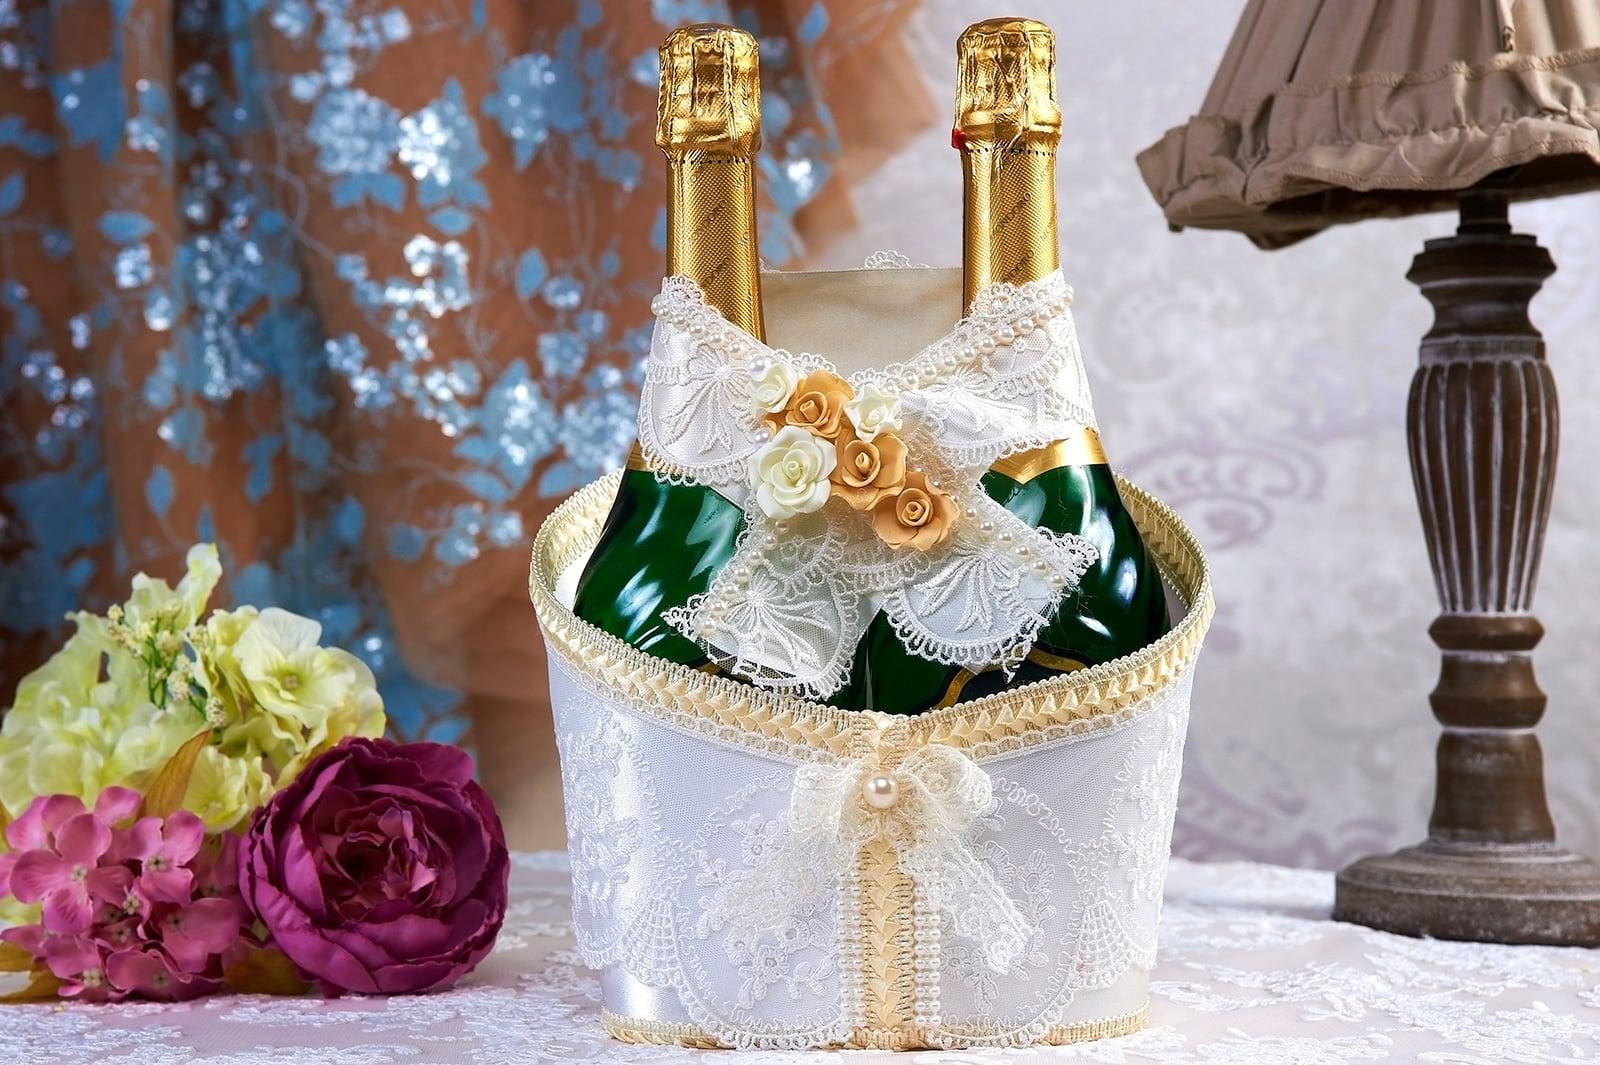 Белоснежное украшение для бутылок шампанского с кремовыми бутонами.